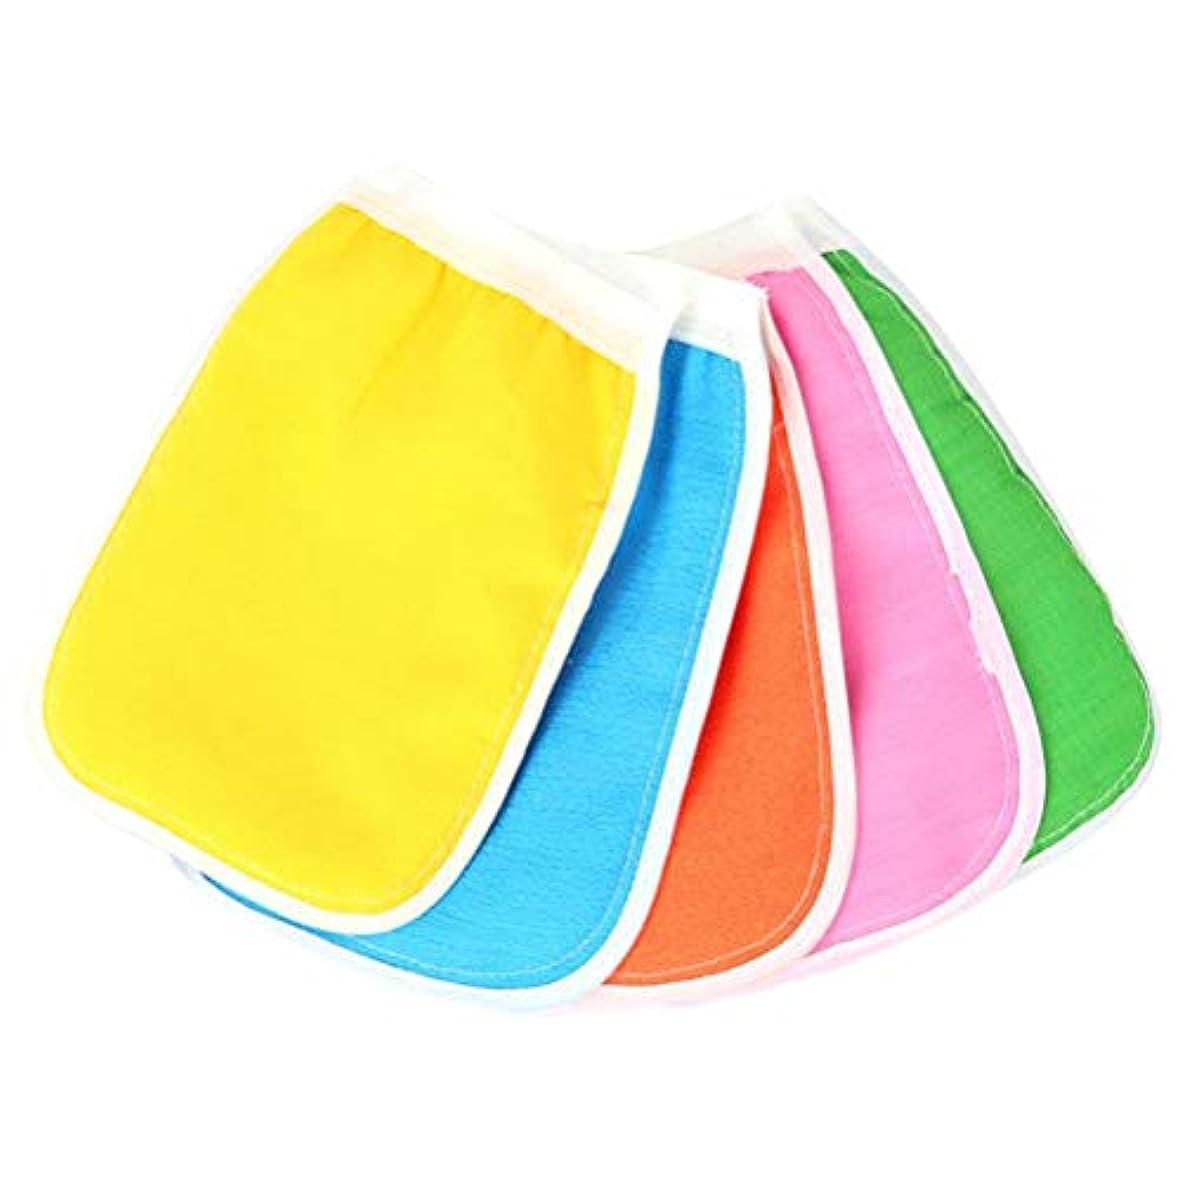 ストレスの多い想起エミュレートするHEALIFTY ボディスクラブミトン手袋入浴シャワースパ用クレンジングツール(混色)のための5本の剥離手袋